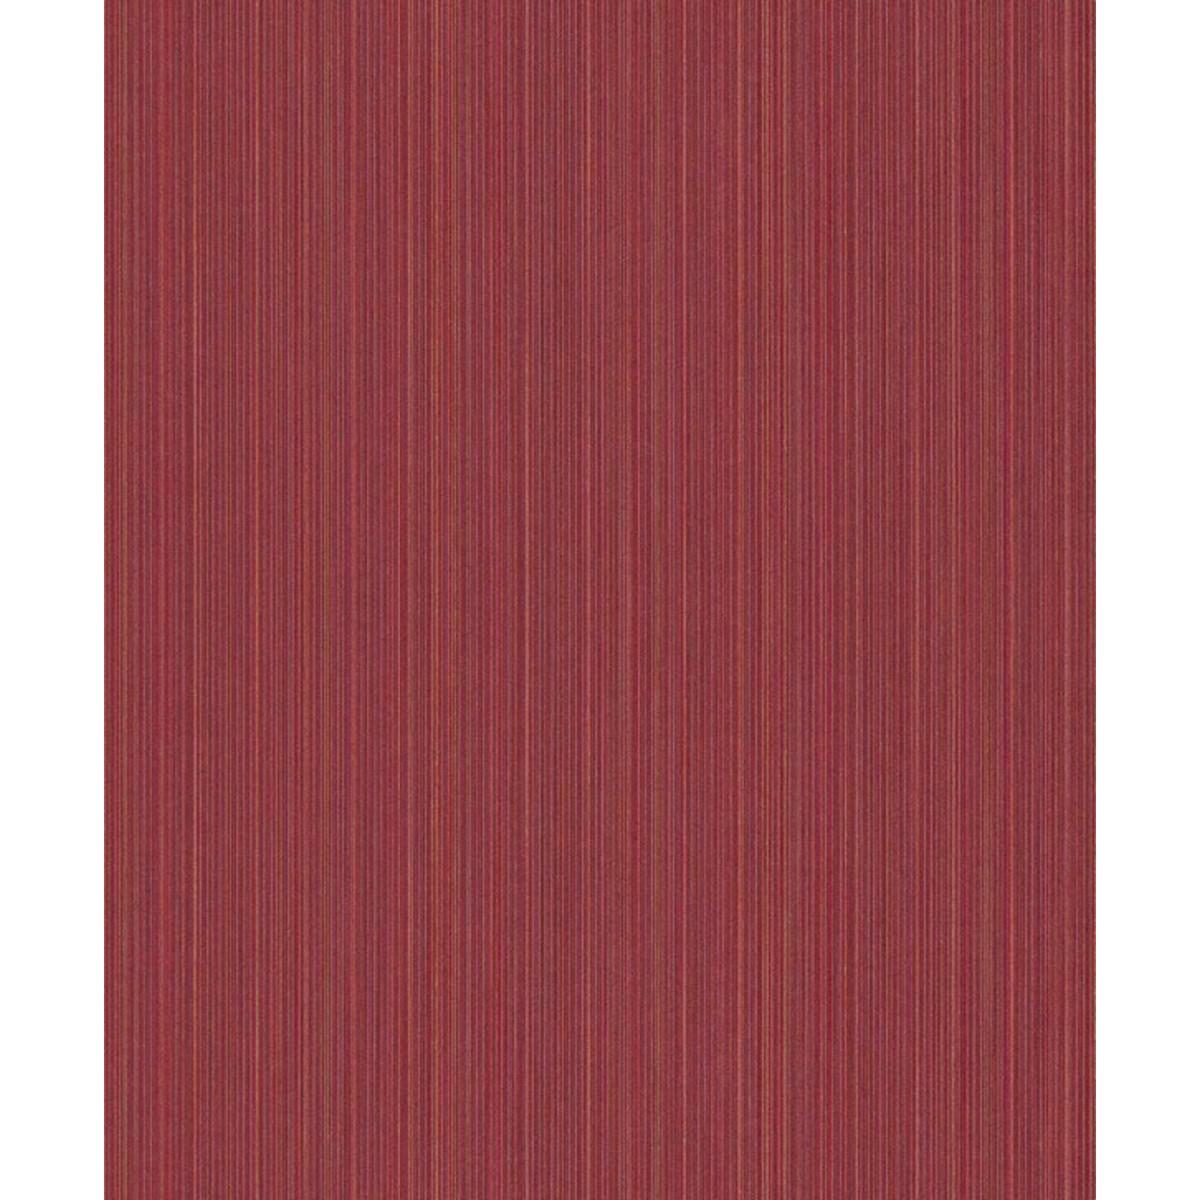 Обои текстильные Aquarelle Cassata розовые 0.53 м 77512